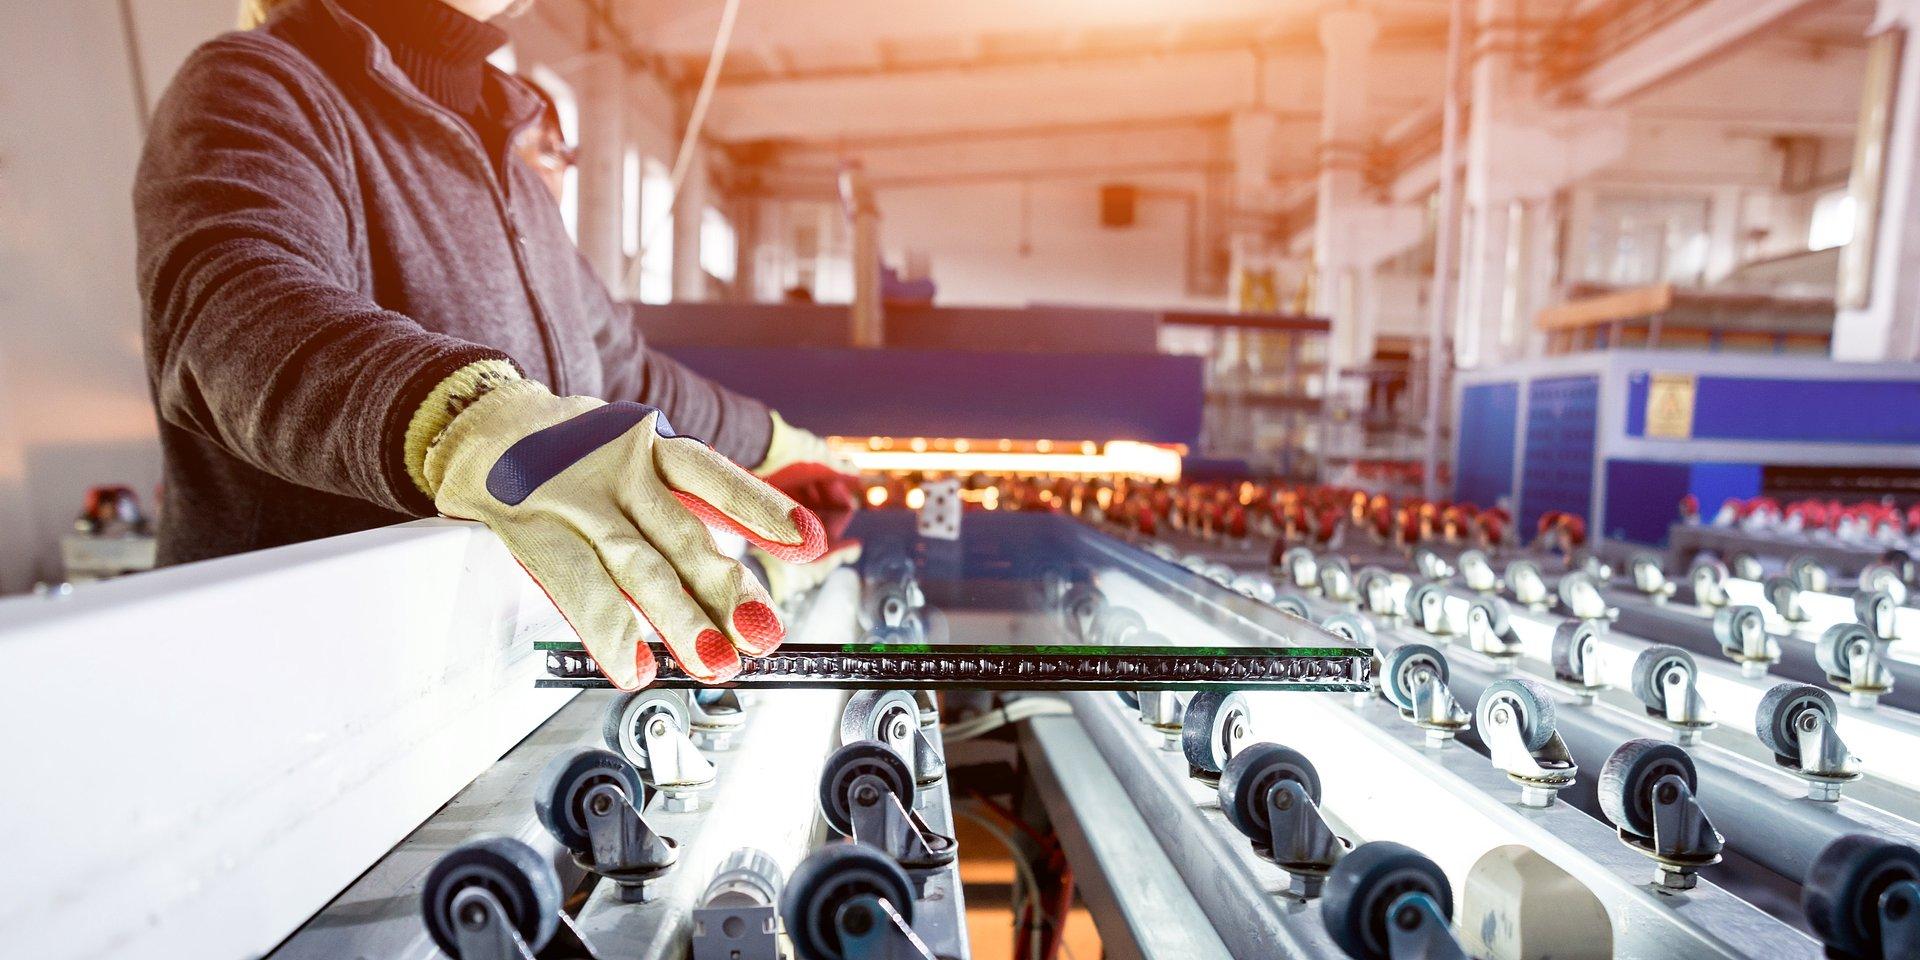 Produkcja przemysłowa spadła o 17% r/r